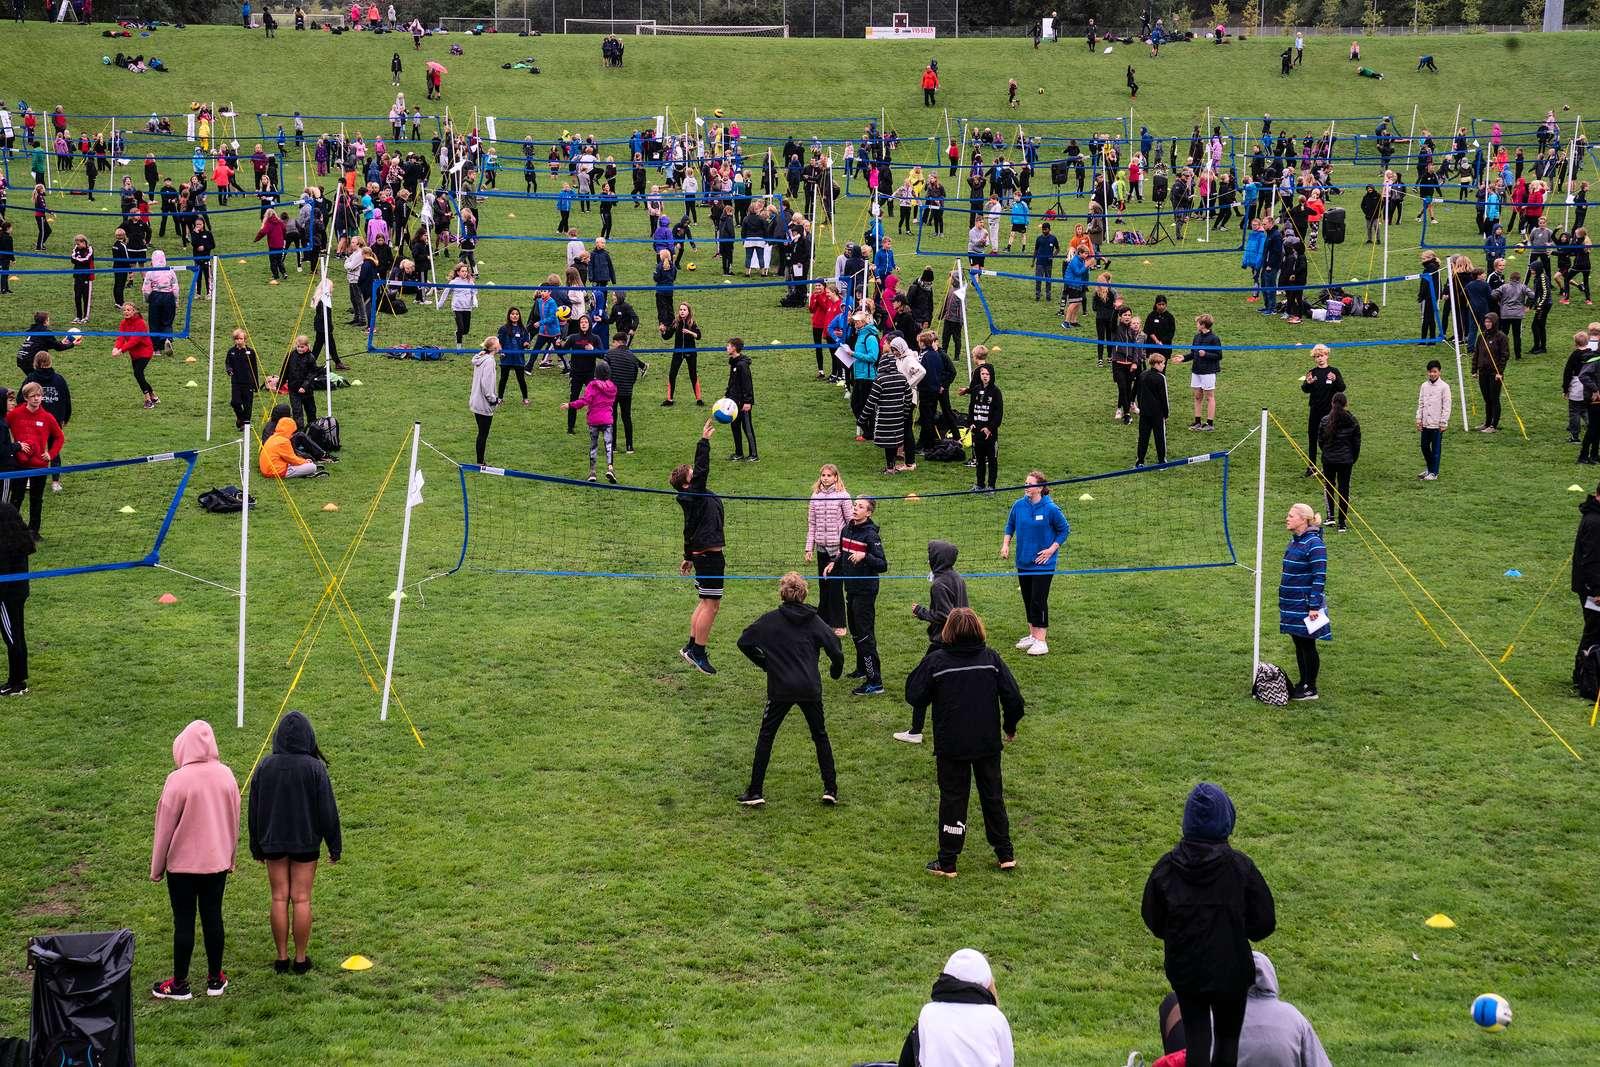 Dansk Skoleidræt Kreds Fyn stod i 2018 bag det største kids- og teenvolleystævne nogensinde. 1.333 elever fordelt på 308 hold fra skoler i Svendborg Kommune havde en festlig dag.